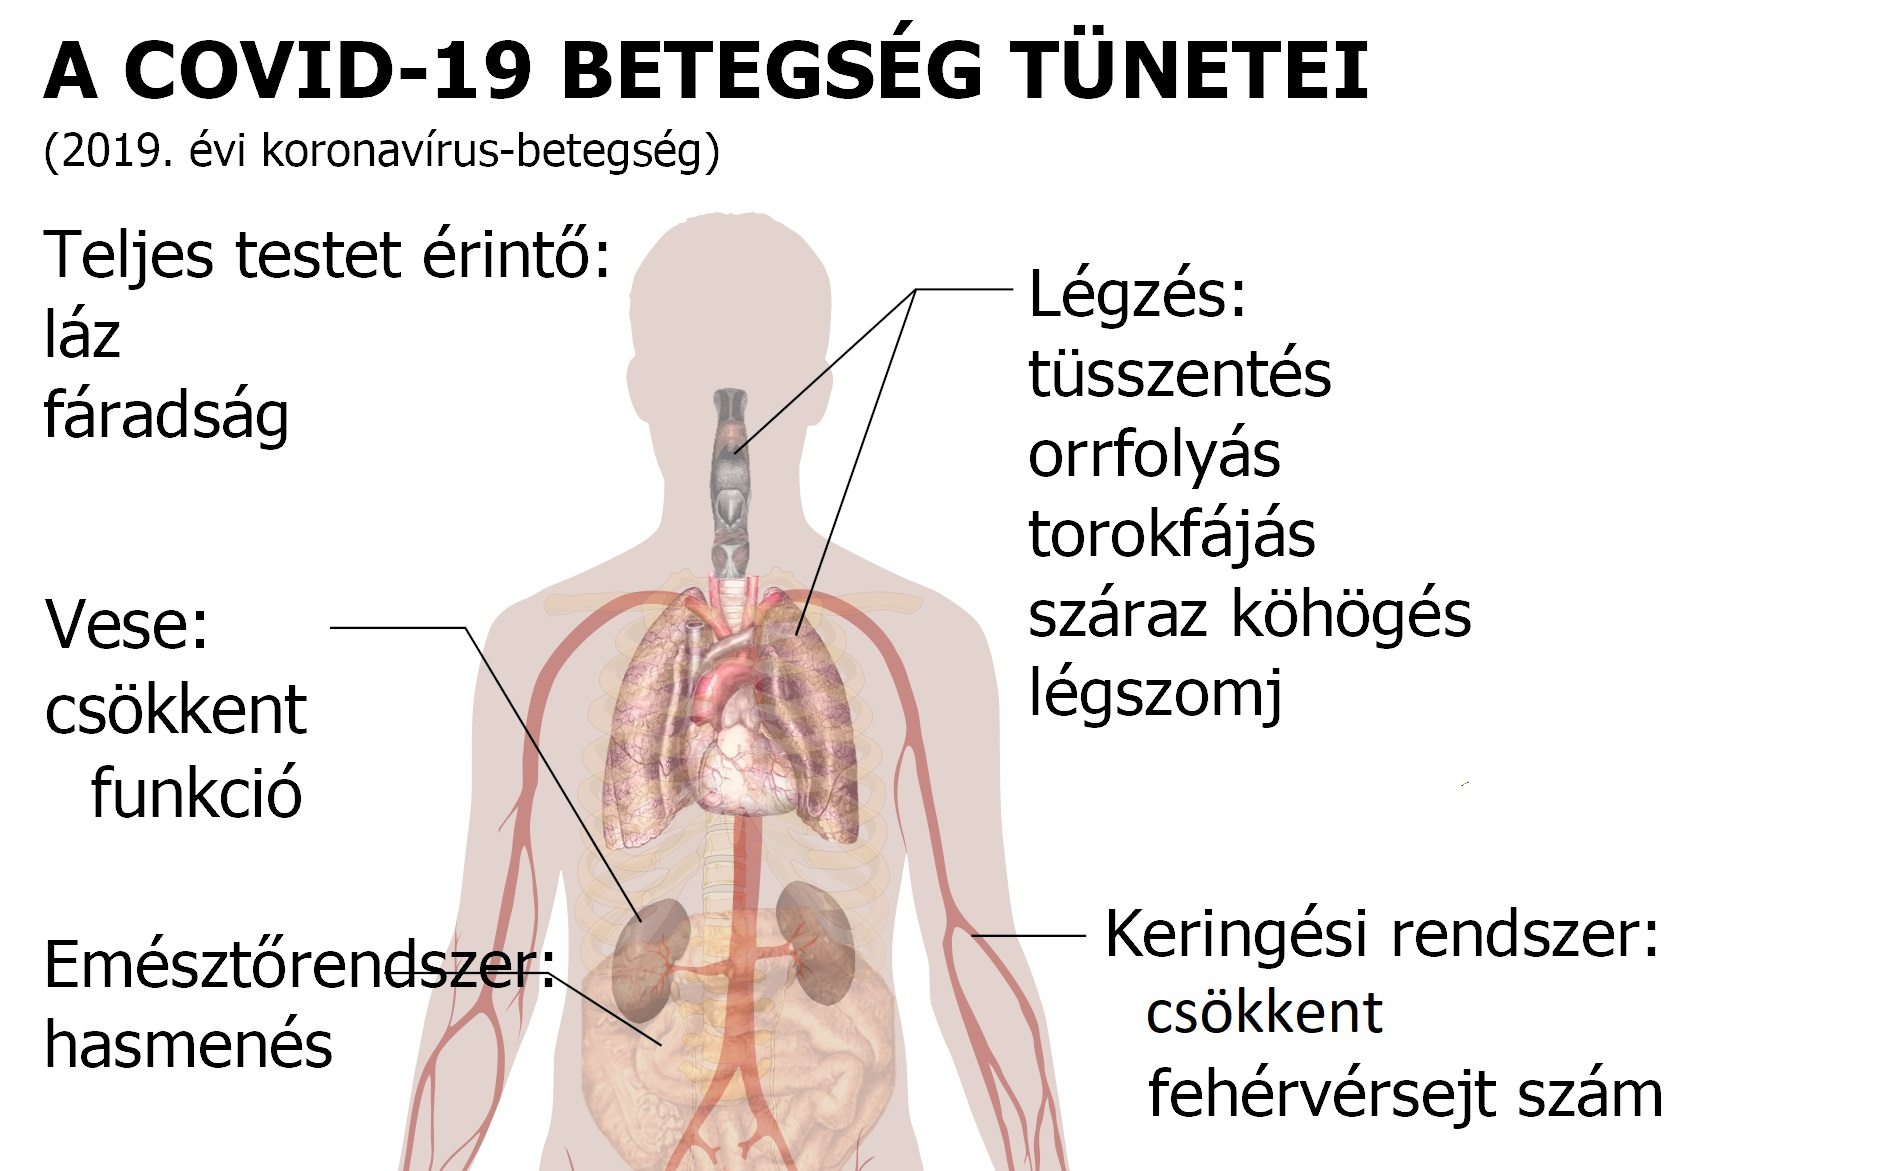 a magas vérnyomás betegségének fő jelei